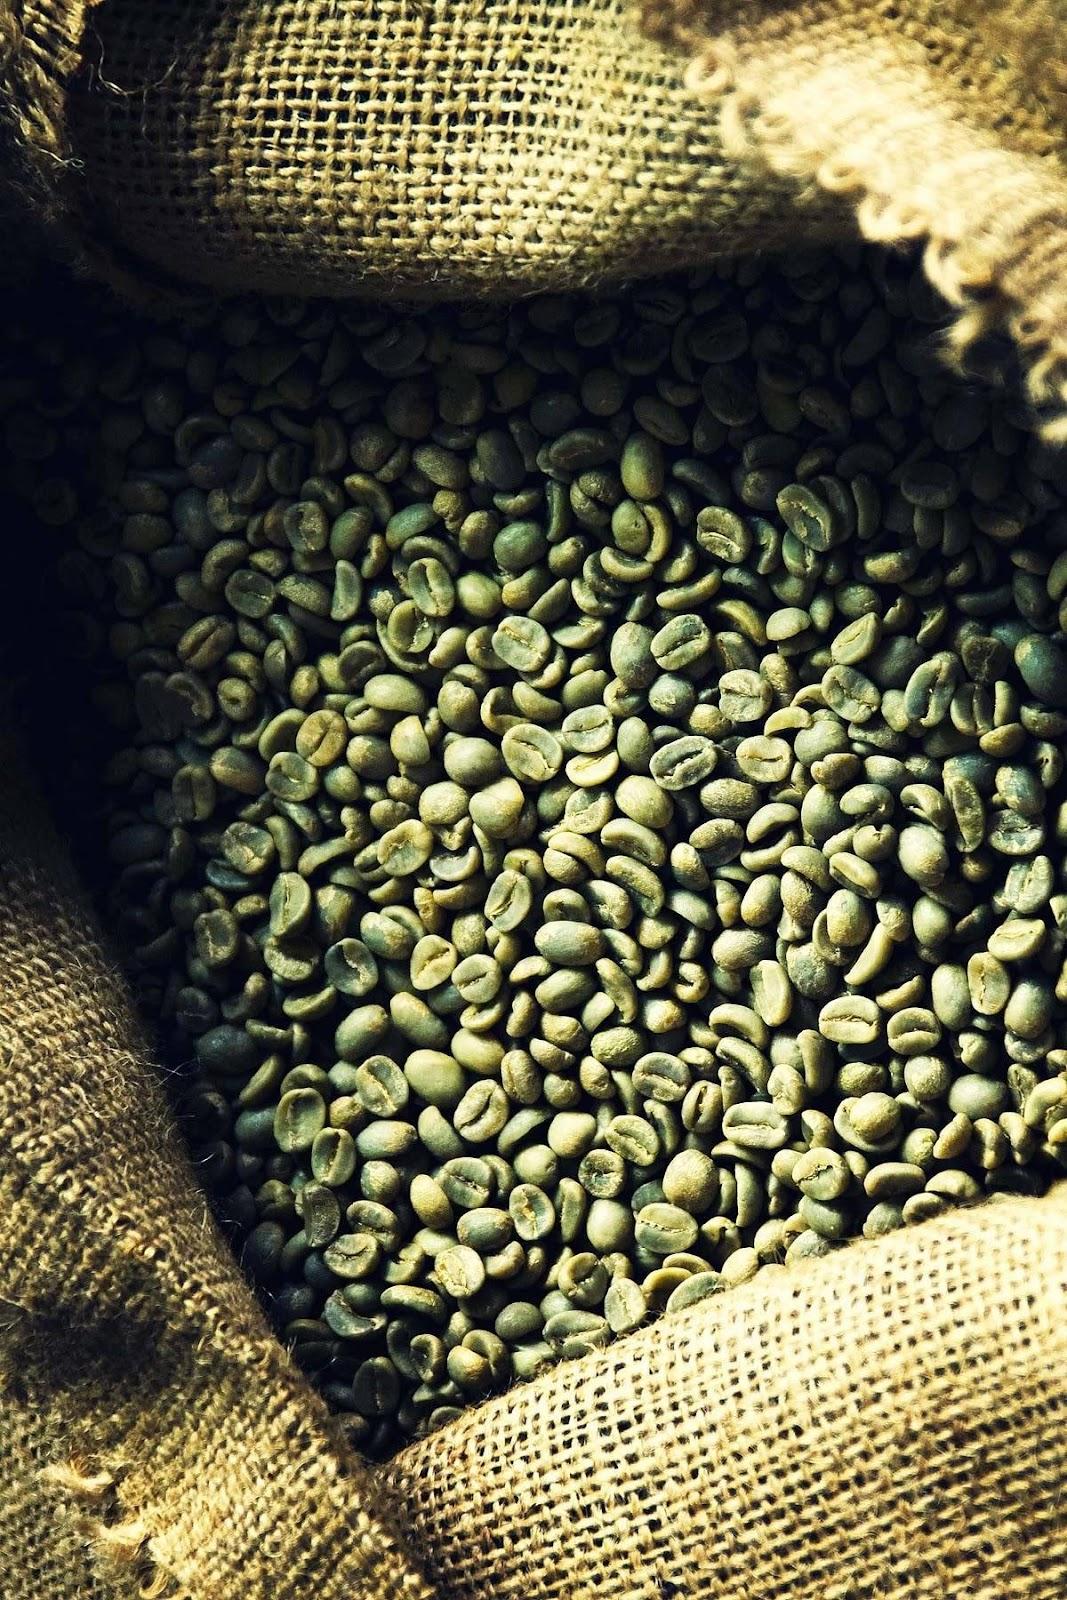 http://ffdetox.com/wp-content/uploads/2013/09/green-beans-e1378958011633.jpg